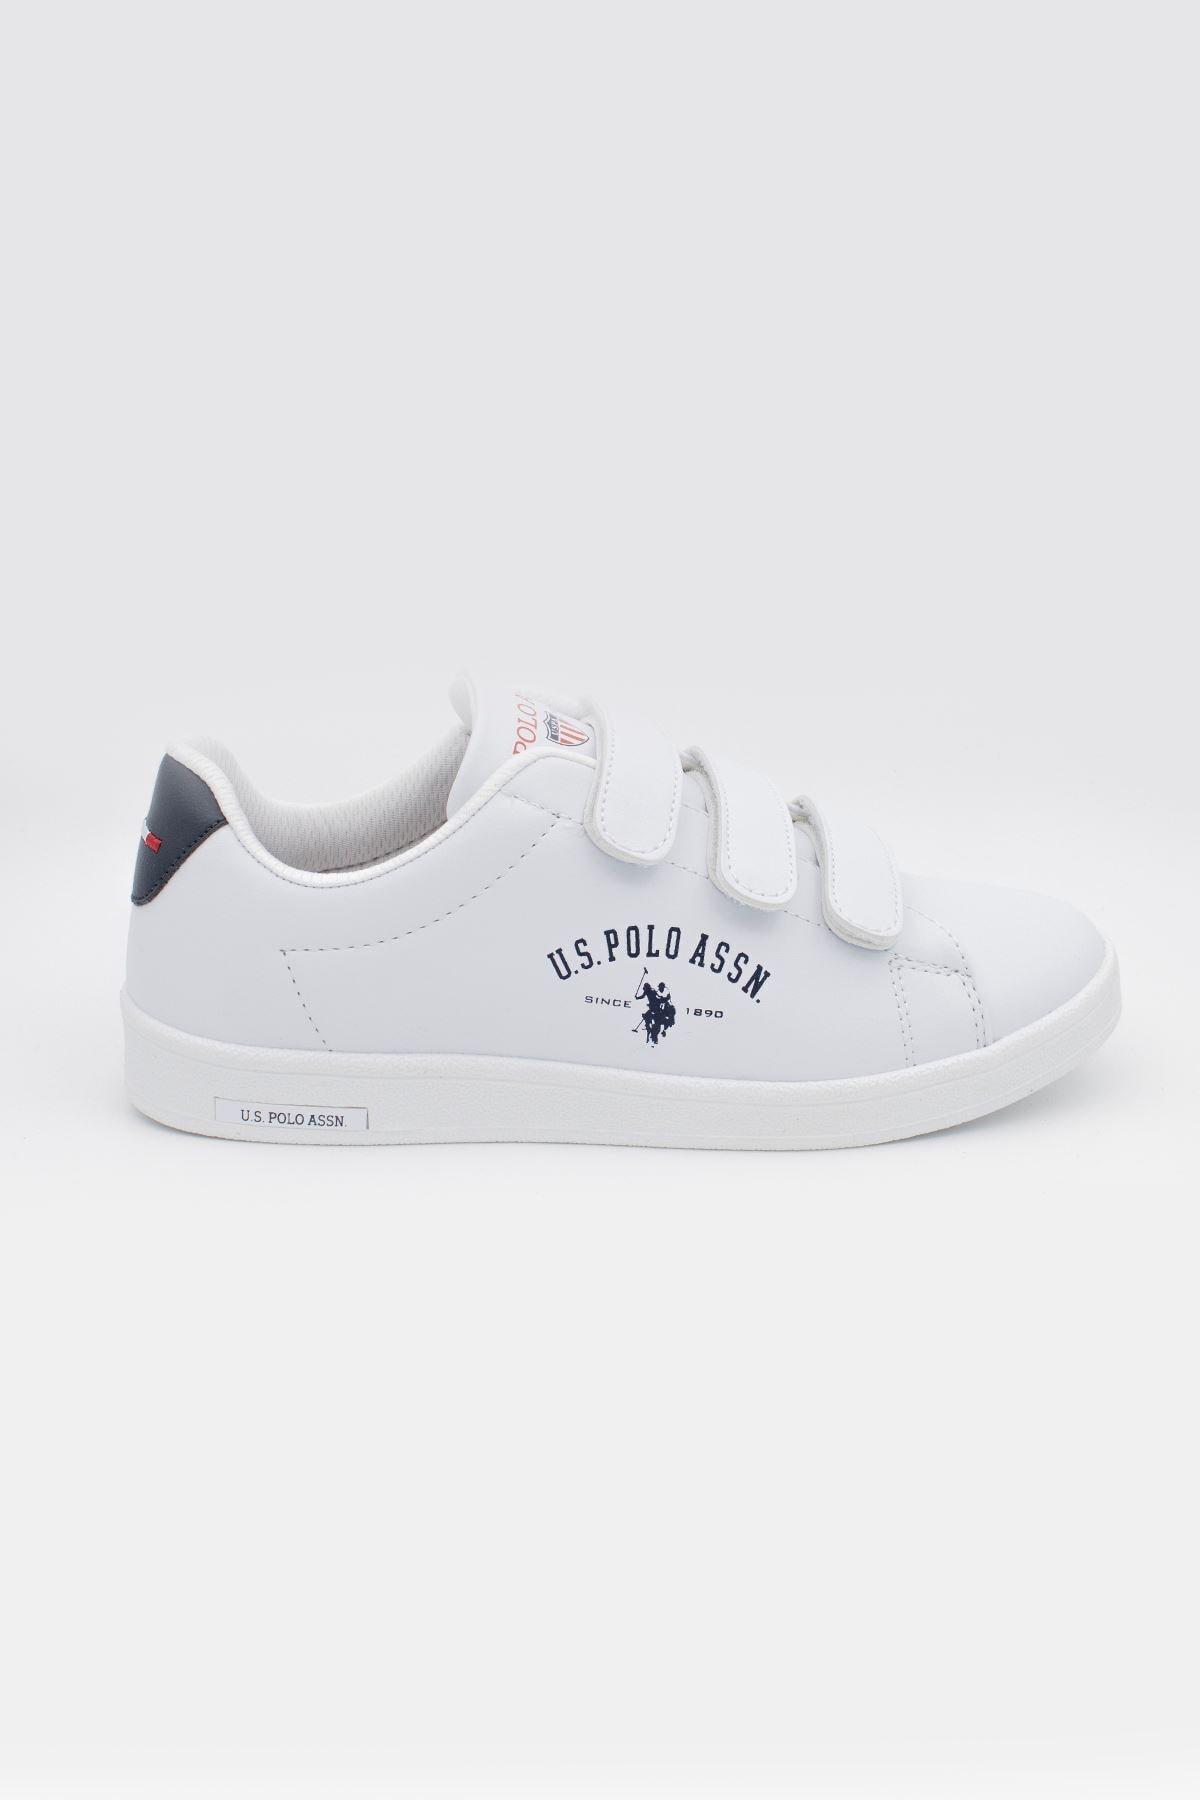 U.S POLO Beyaz Unisex Spor Ayakkabı-20yuspsıngr003 1